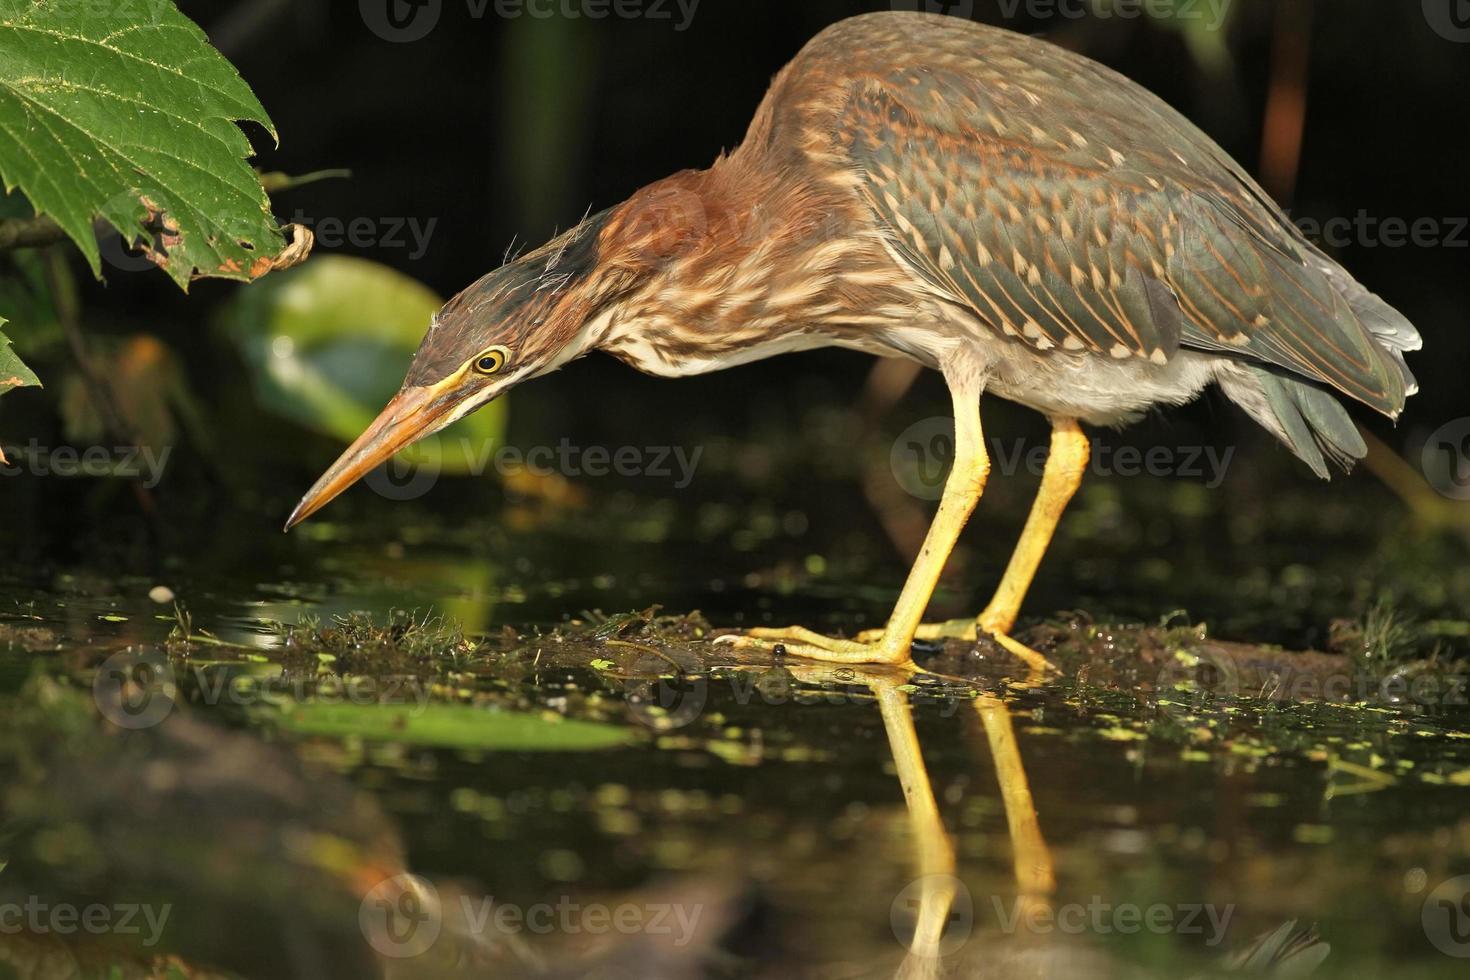 Juvenile Green Heron Stalking its Prey photo